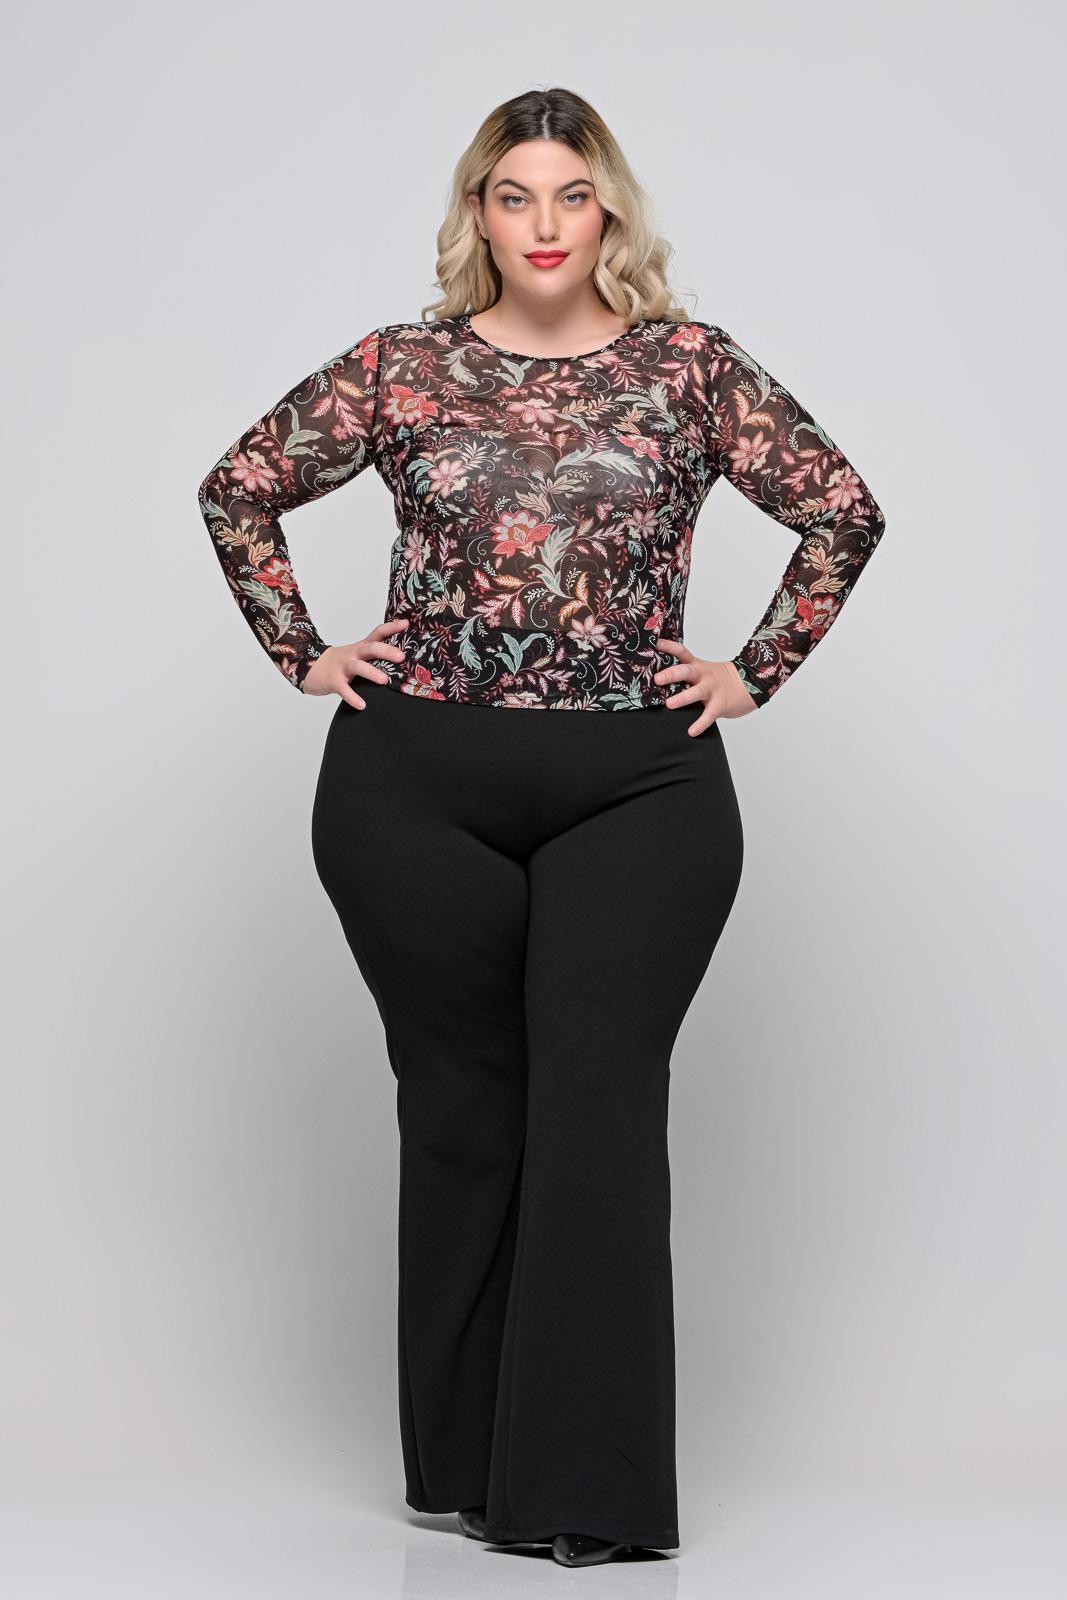 Καμπάνα μεγάλα μεγέθη μαύρη κρεπ με λάστιχο στη μέση. Στο eshop μας θα βρείτε οικονομικά γυναίκεια ρούχα σε μεγάλα μεγέθη και υπερμεγέθη.